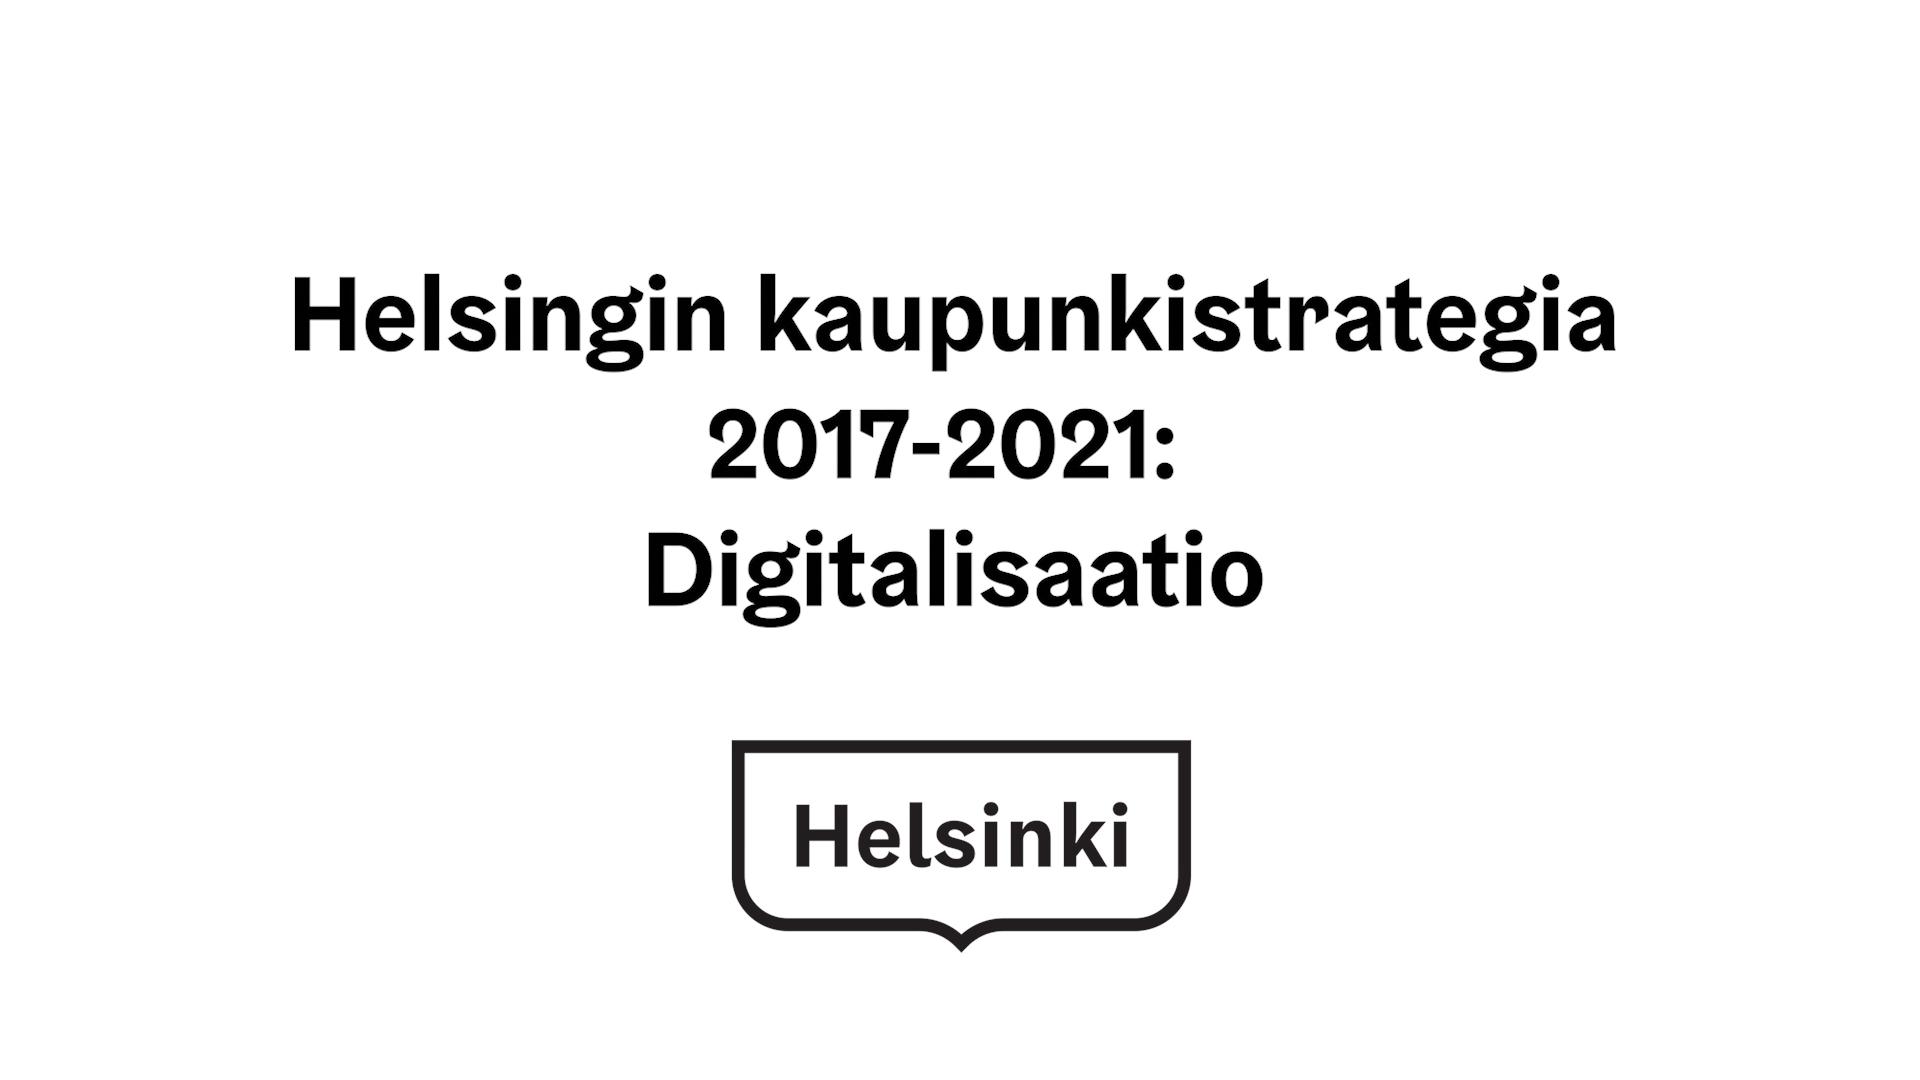 Kaupunkistrategia 2017-2021: Digitalisaatio